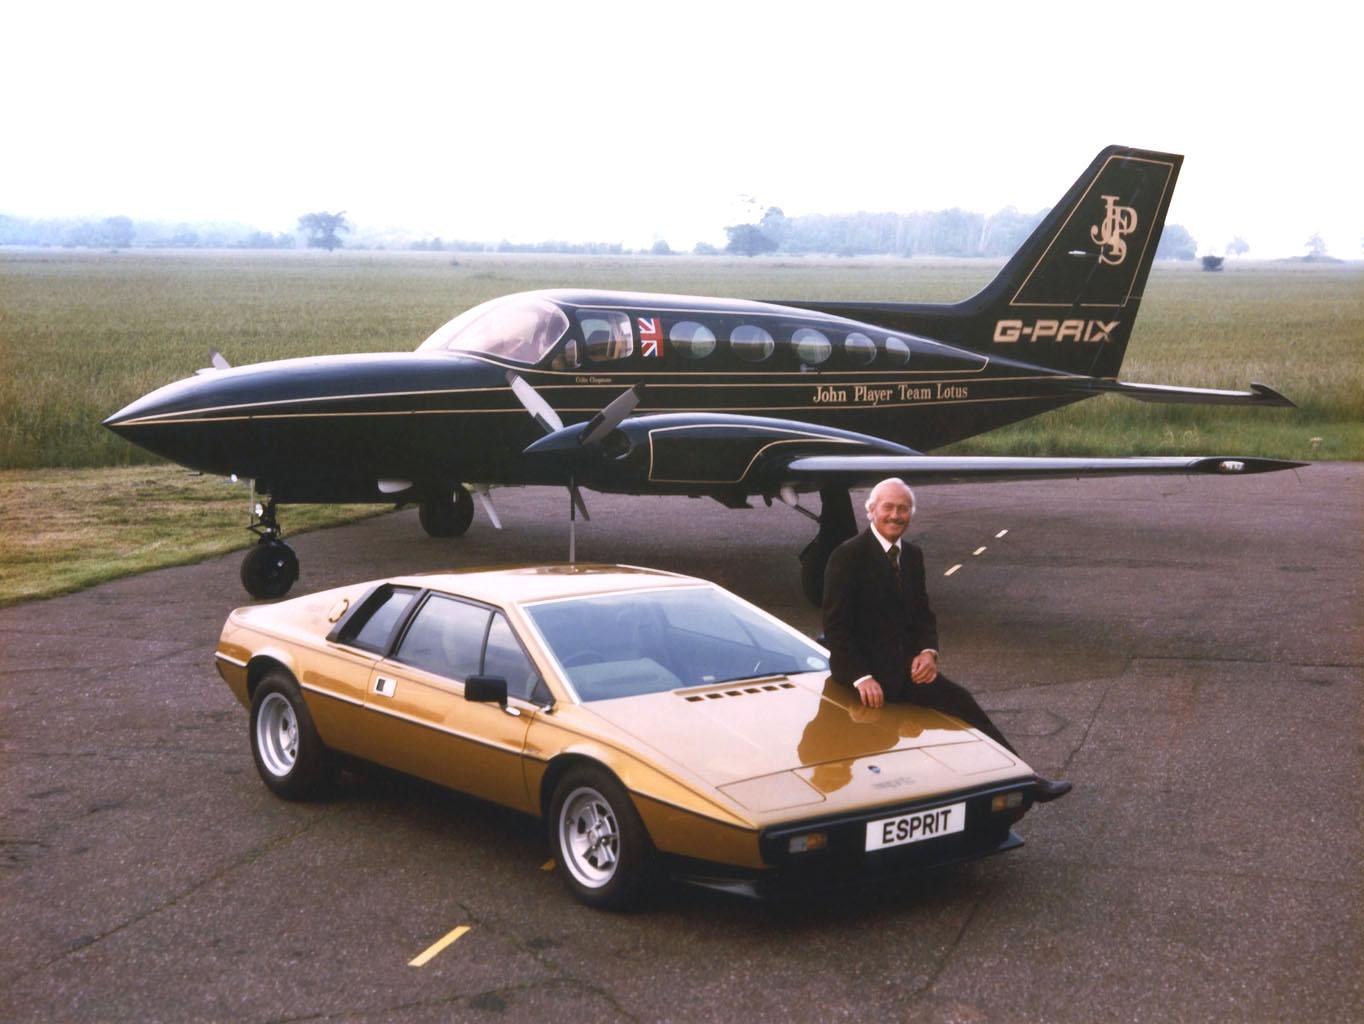 Colin Chapman drev Lotus (her sittende på en Lotus Esprit), og var mannen som skulle få DeLoreans bil til å bli en produksjonsrealitet.